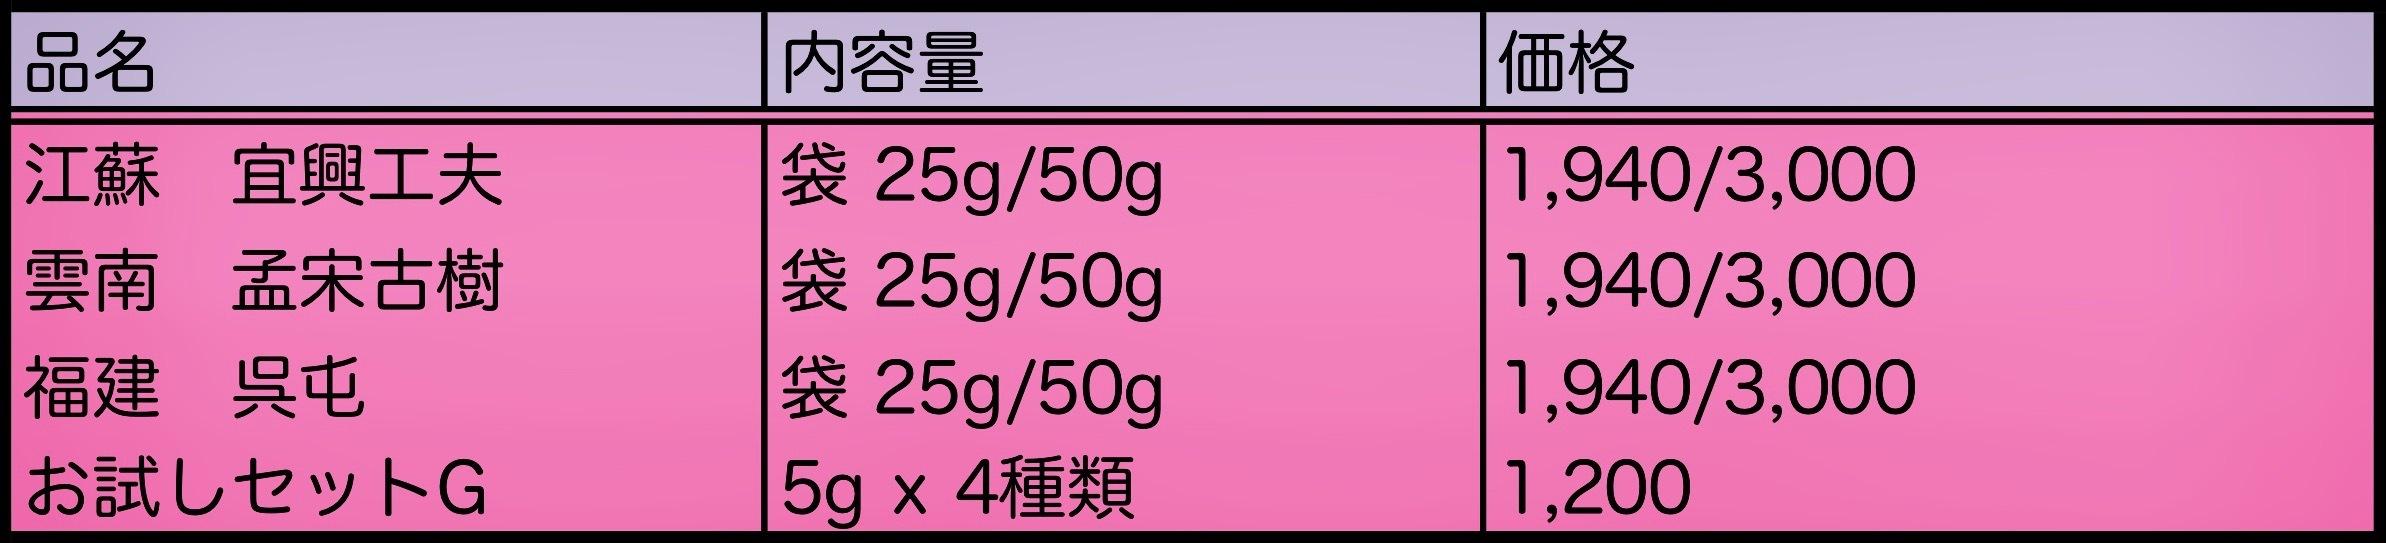 茶譜 2021年5月 ー岩茶以外_b0151300_12415410.jpeg